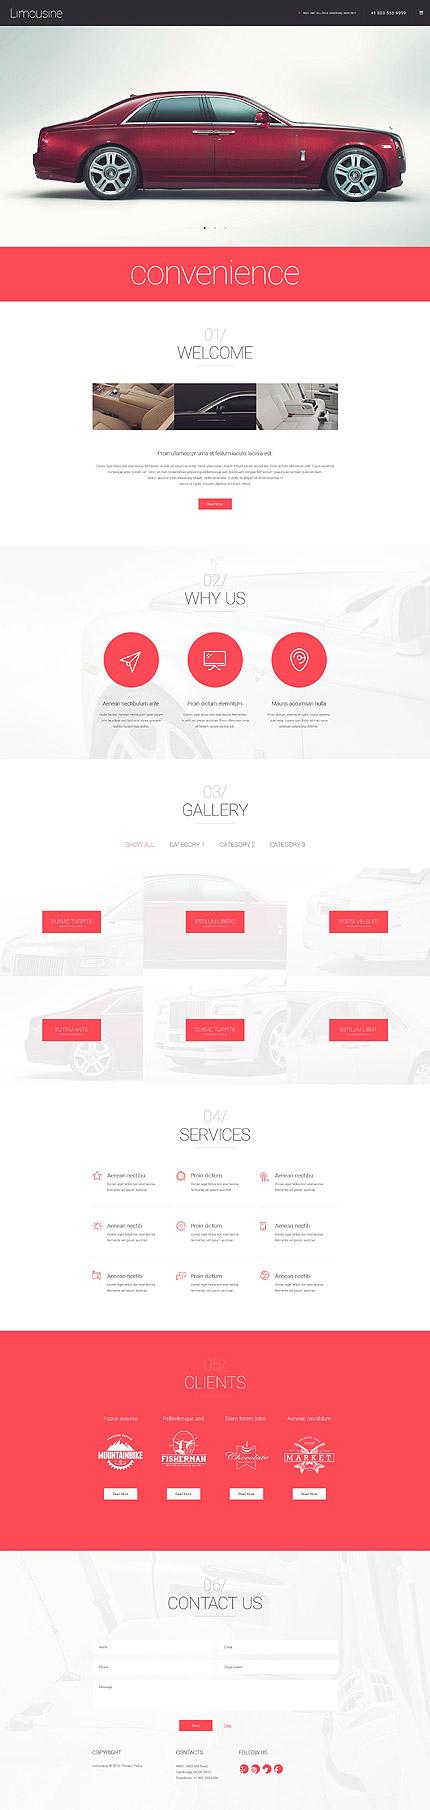 Template 55049 Limousine Limo Responsive WordPress Theme